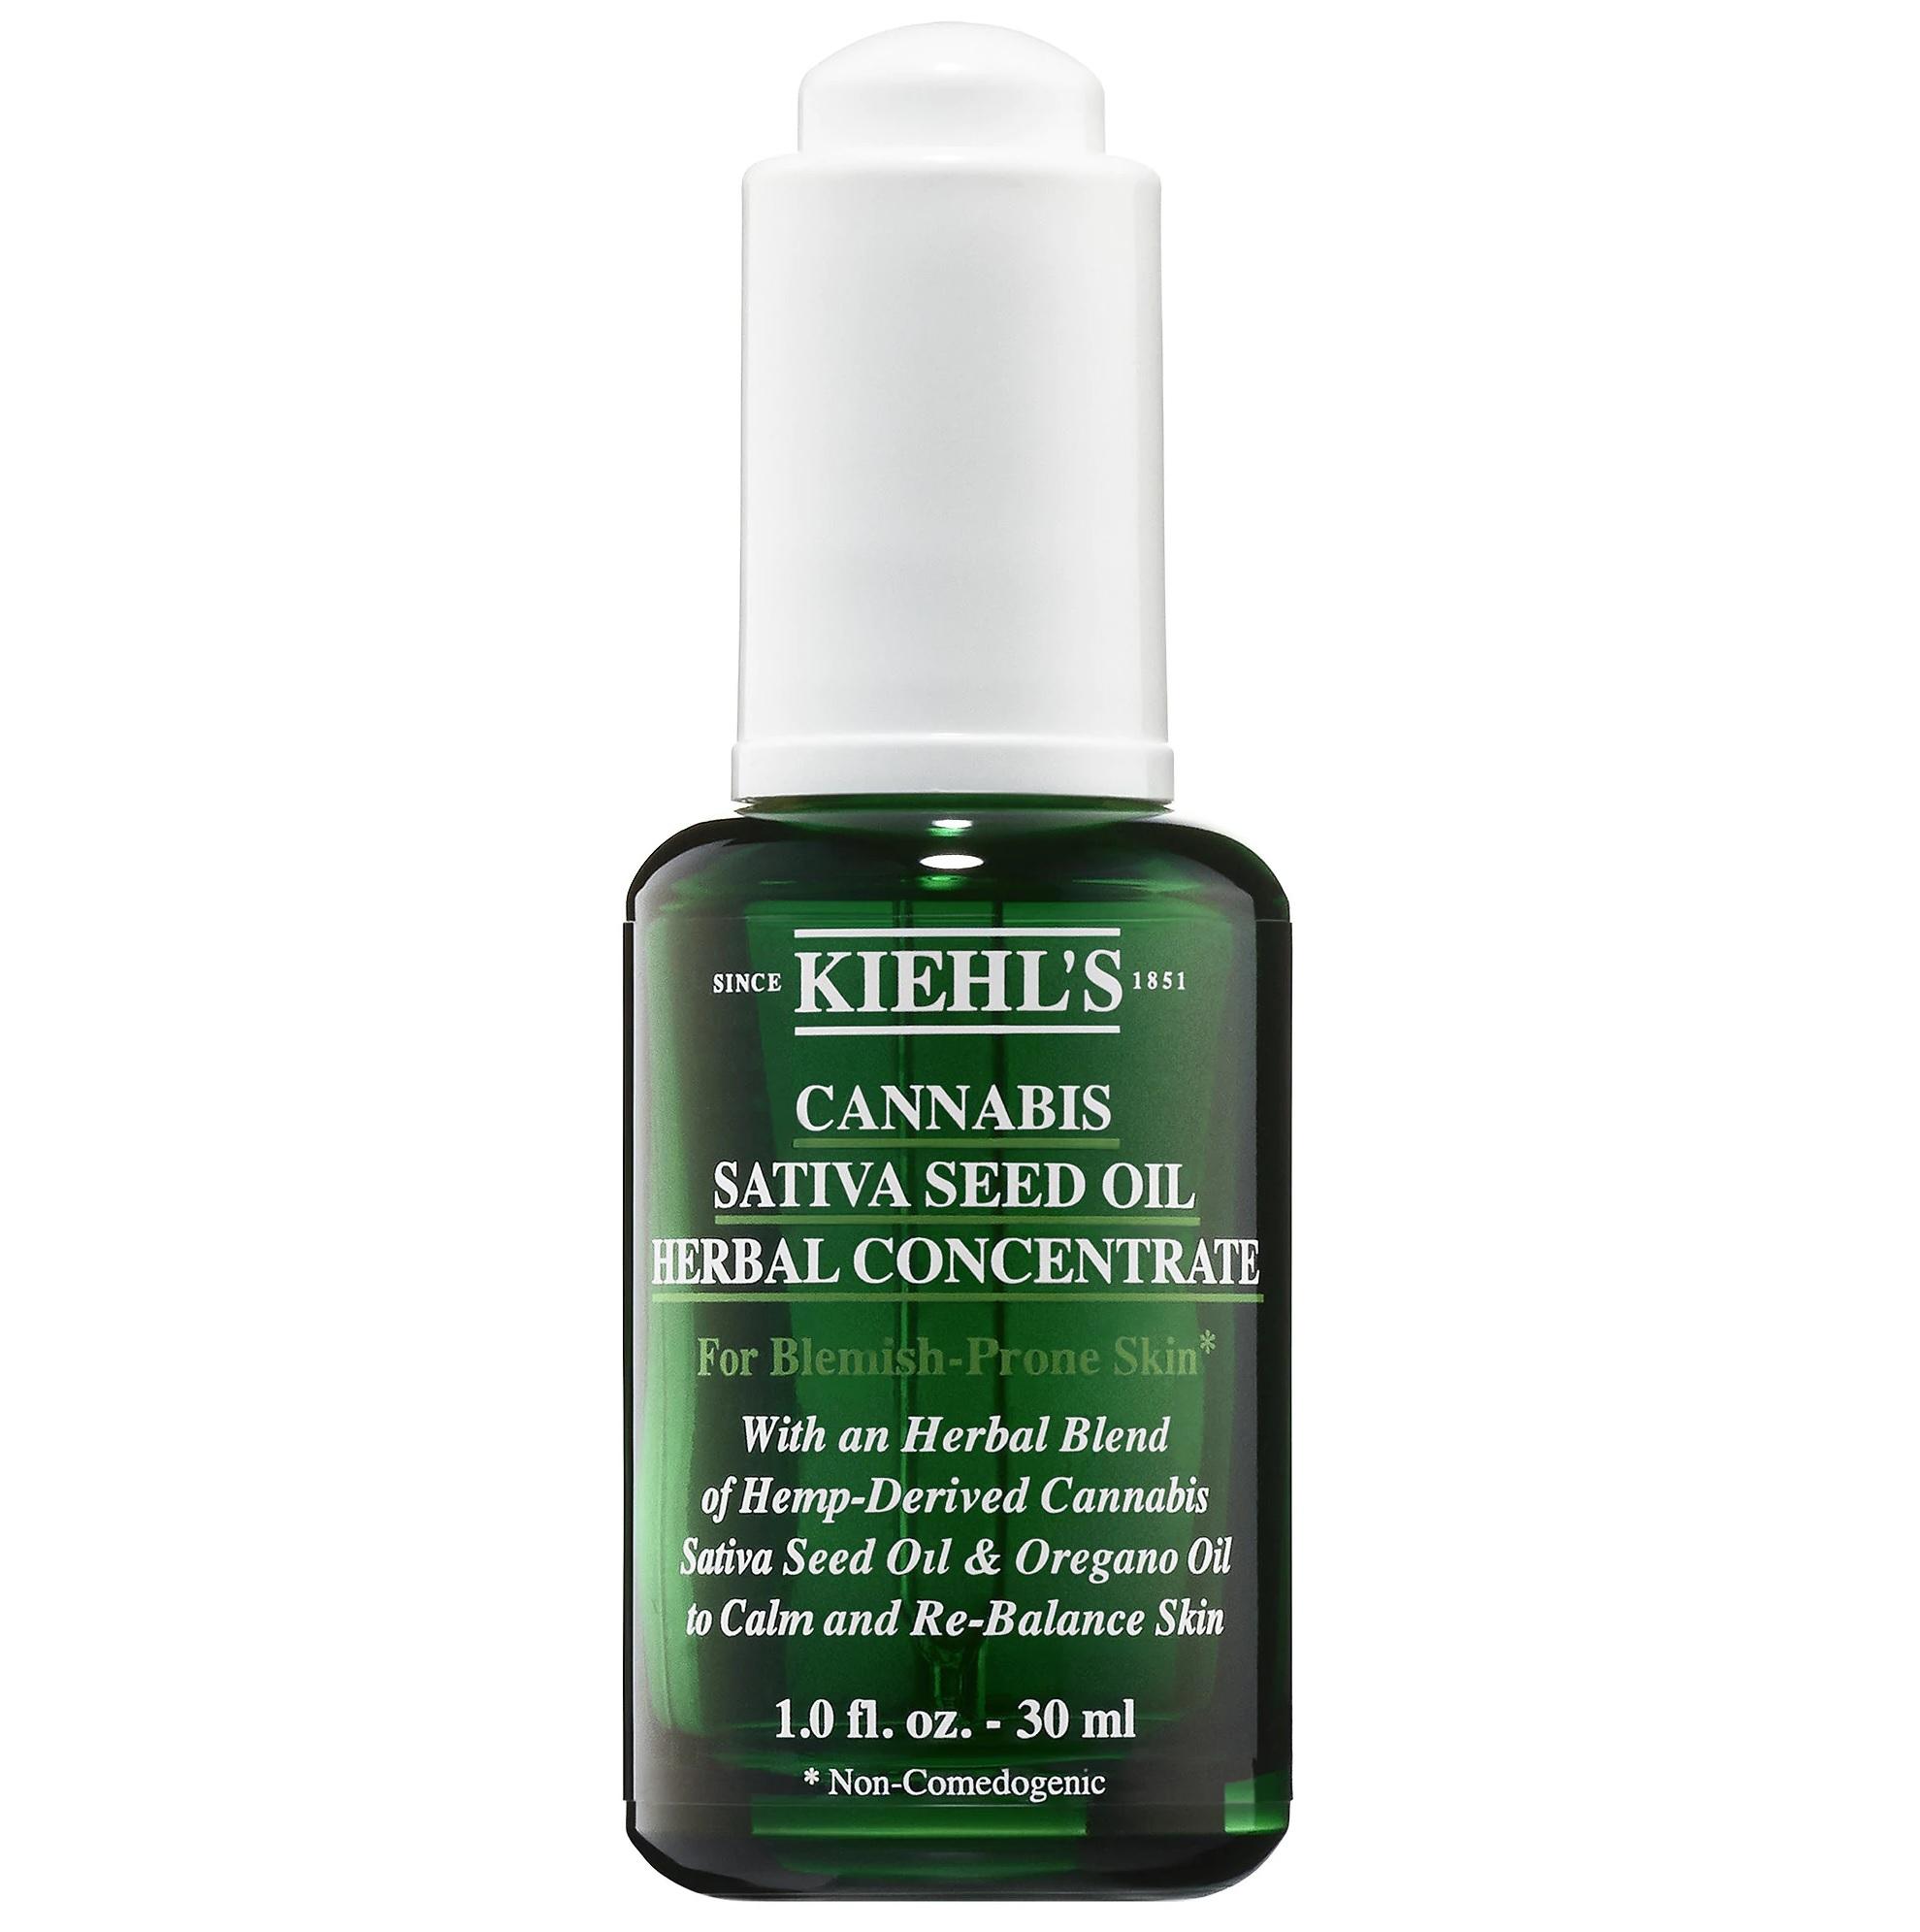 Kiehl's Since 1851 Cannabis Sativa Seed Oil Herbal Concentrate es un aceite facial de concentrado de hierbas ligero, no comedogénico, con aceite de semilla de cannabis sativa derivado del cáñamo que calma la piel y reduce el enrojecimiento. (Suministrada)